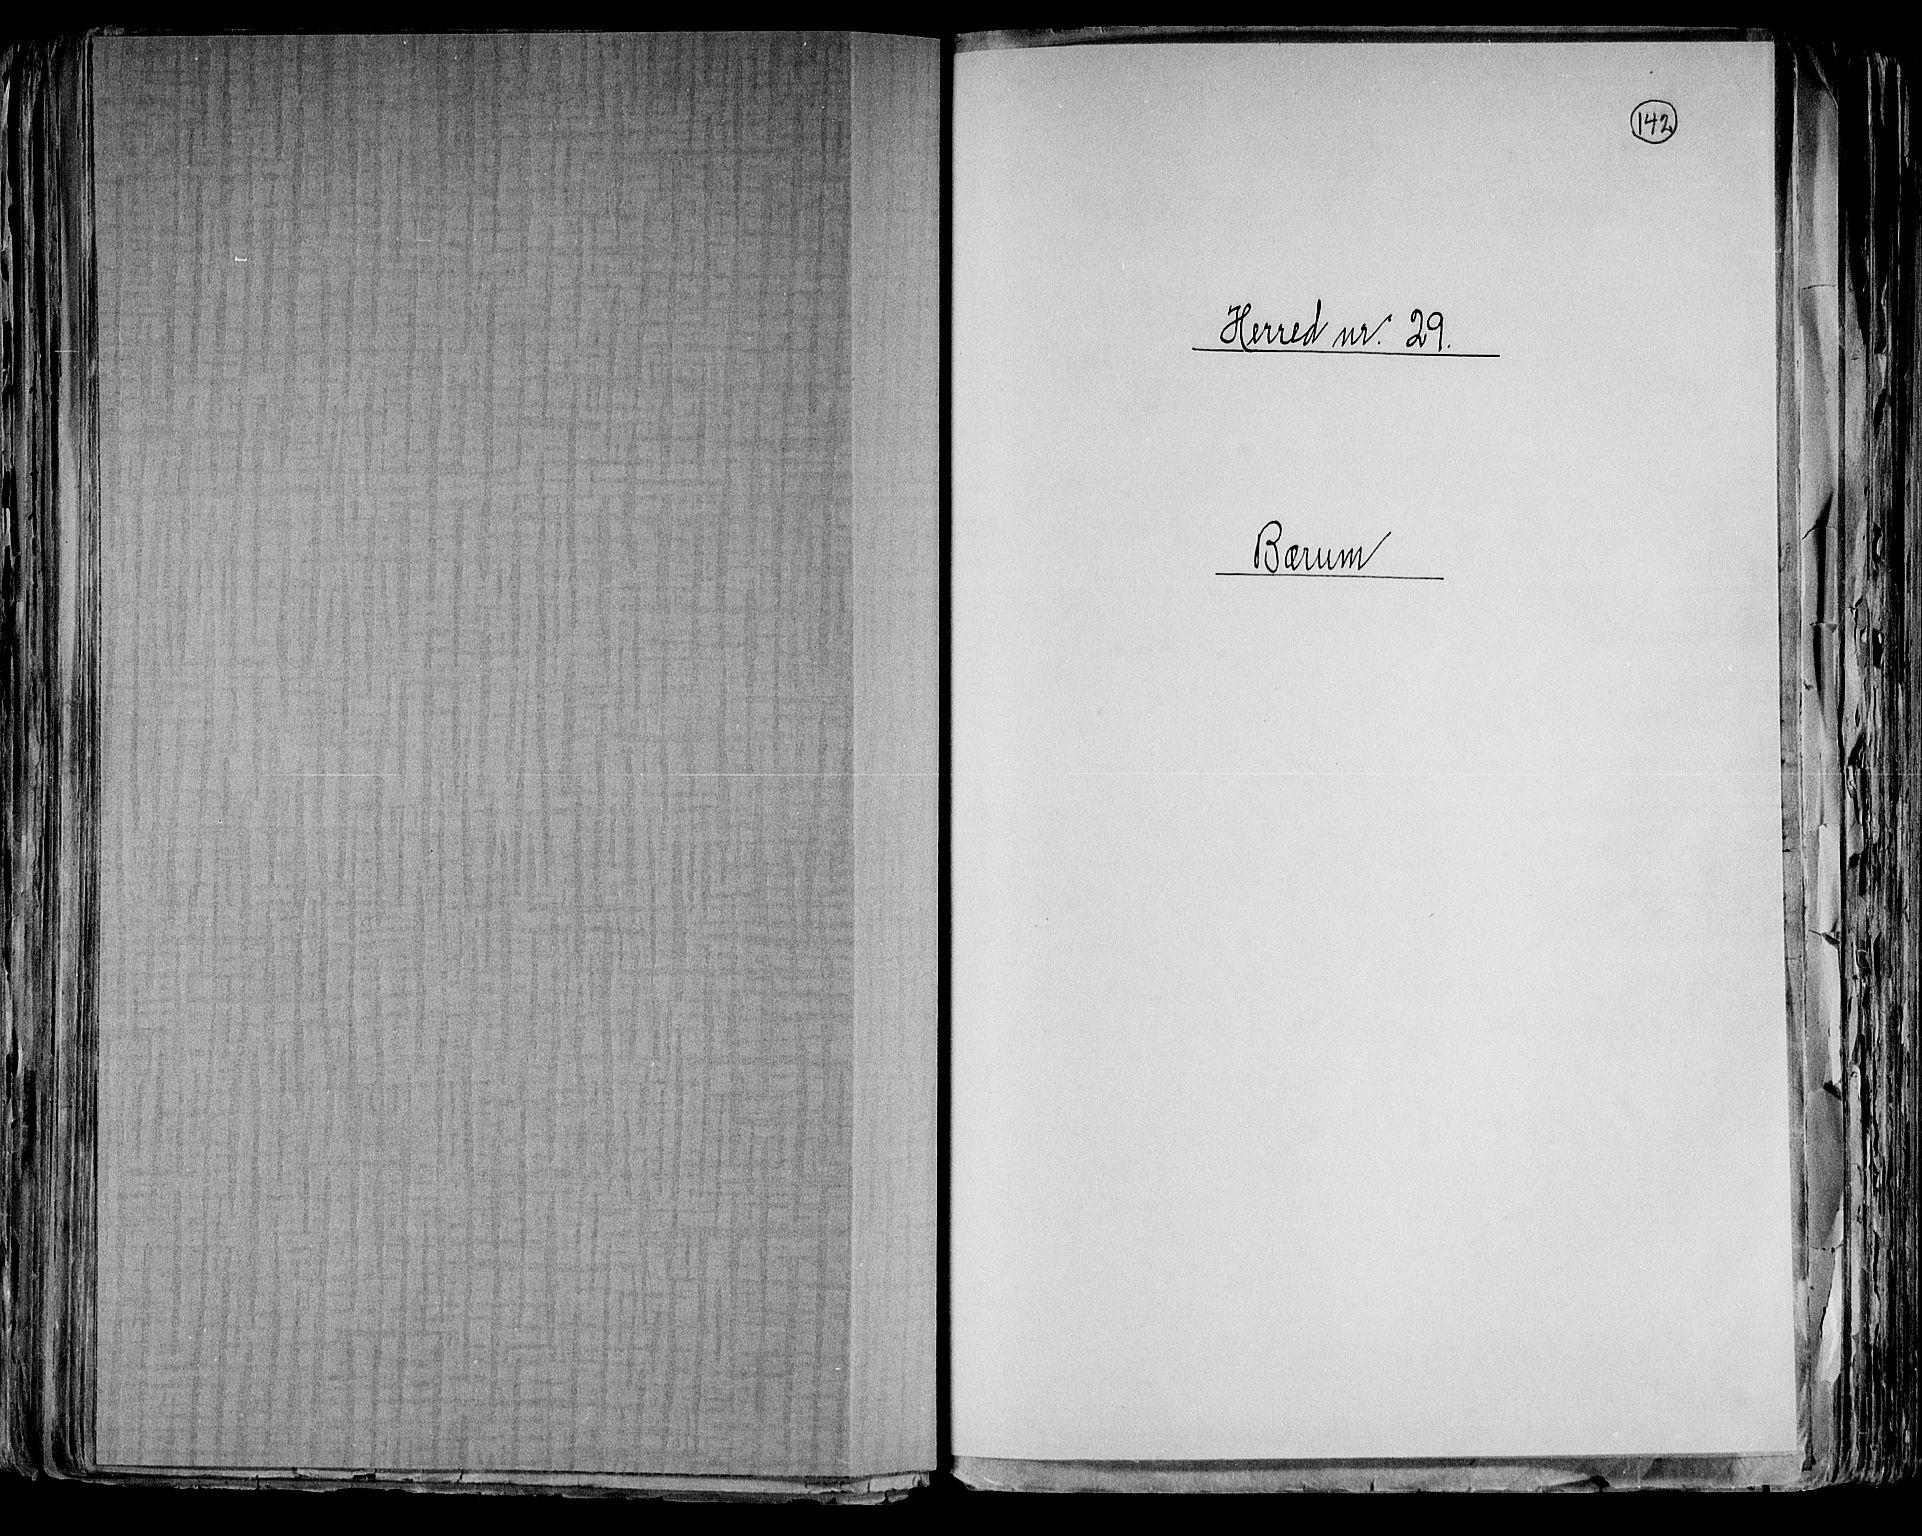 RA, Folketelling 1891 for 0219 Bærum herred, 1891, s. 1